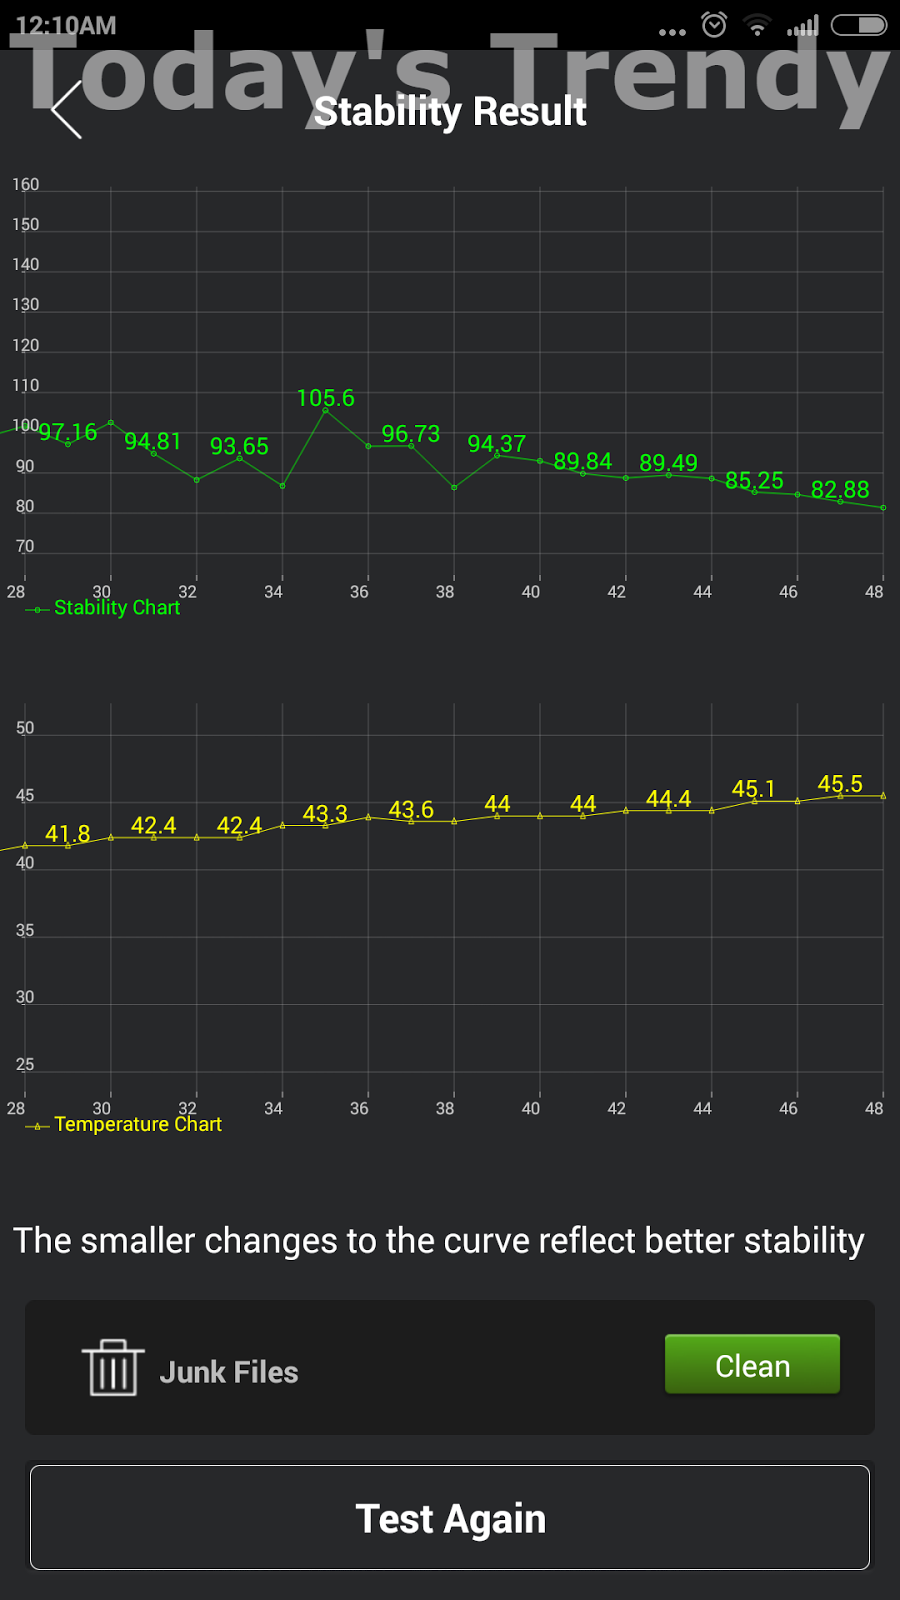 Xiaomi Mi 4 stability result